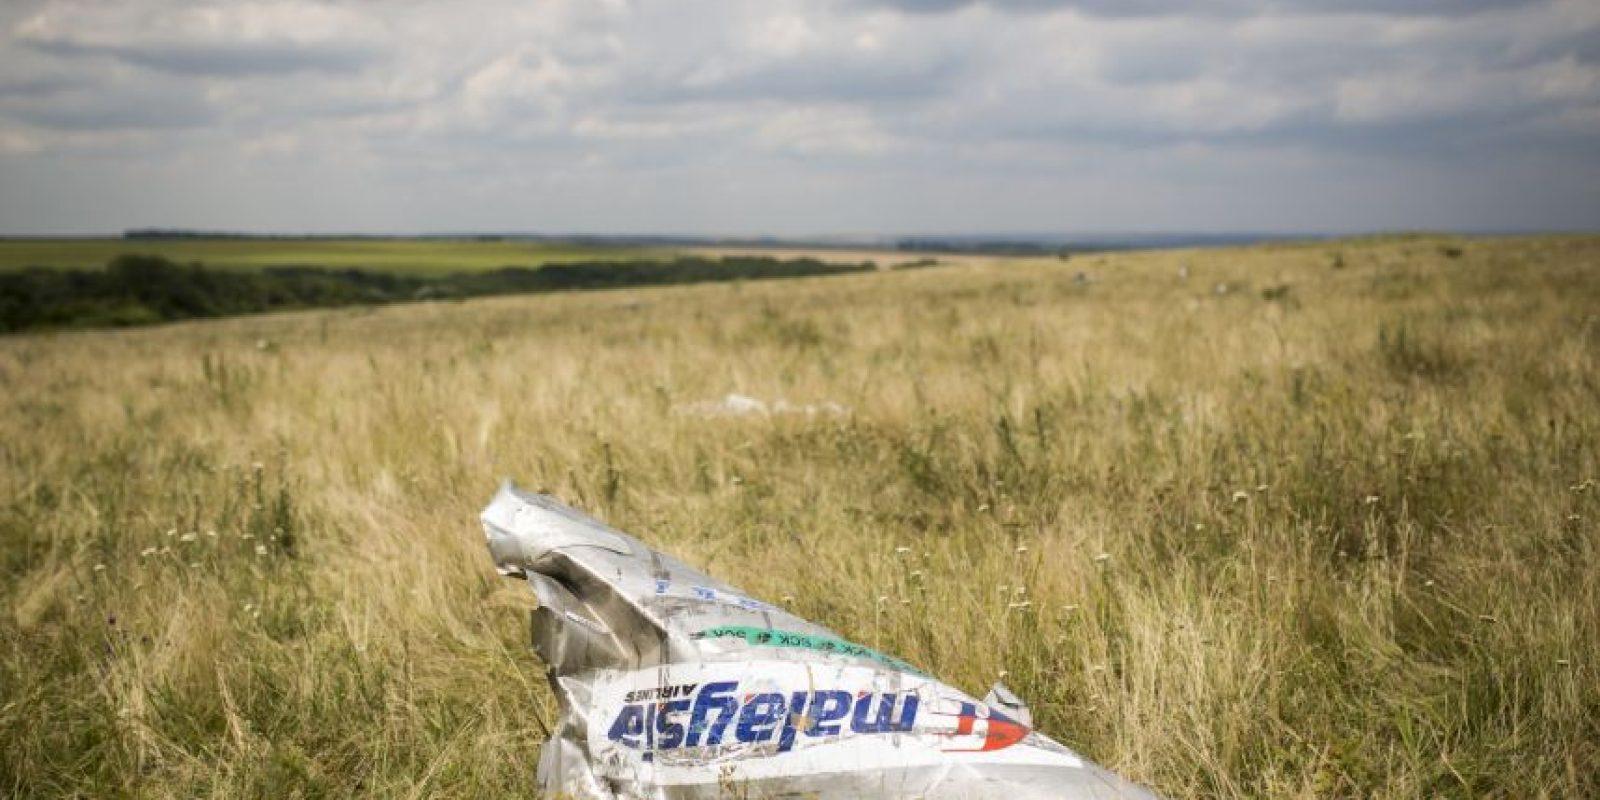 Un misil Buk tierra-aire lanzado por separatistas ucranianos lo derribó Foto:Getty Images